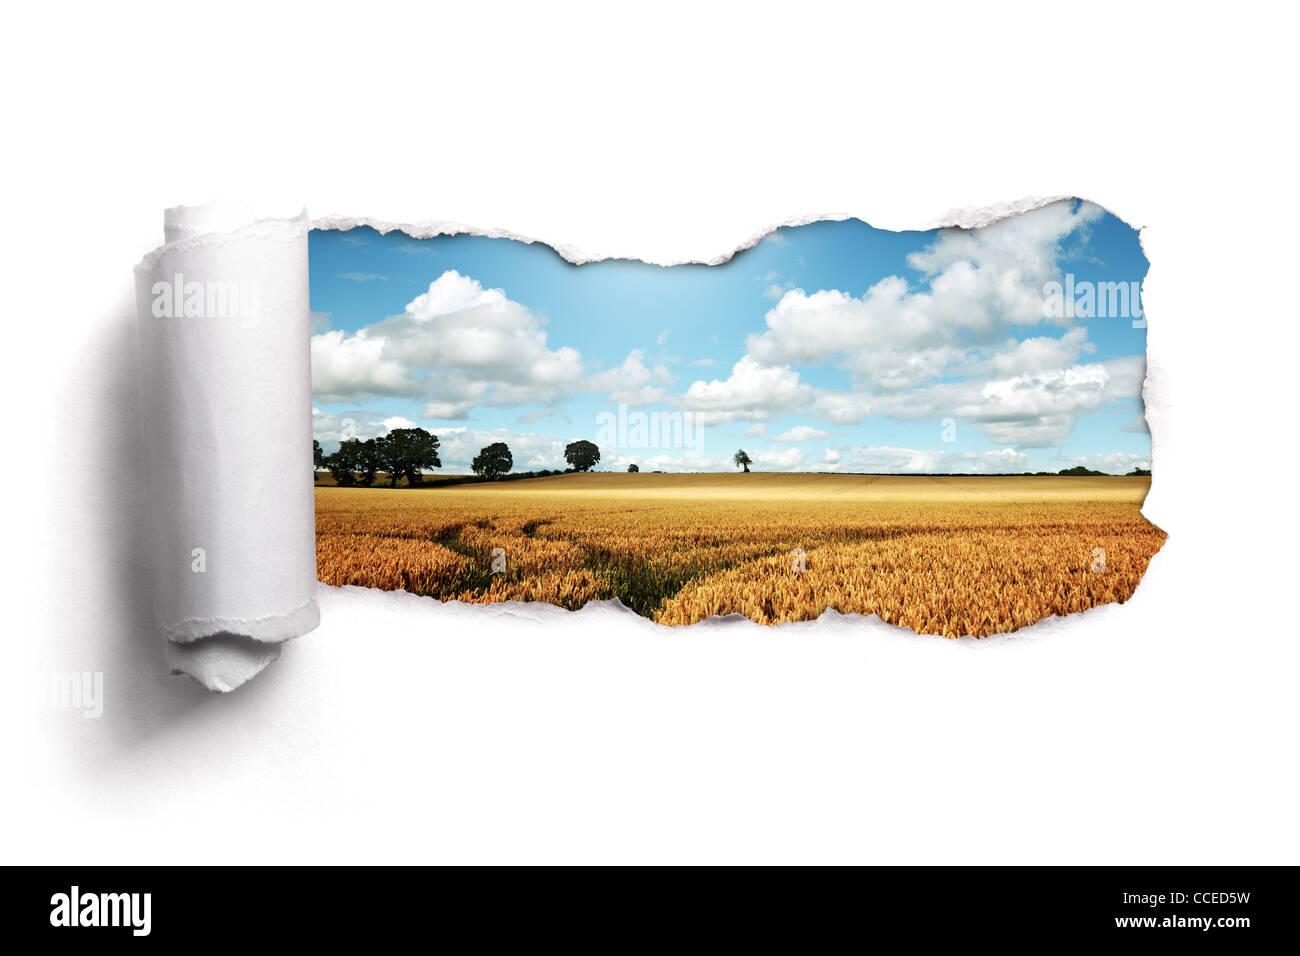 Zerrissenes Papier über eine Sommerlandschaft Weizen Feld Stockbild